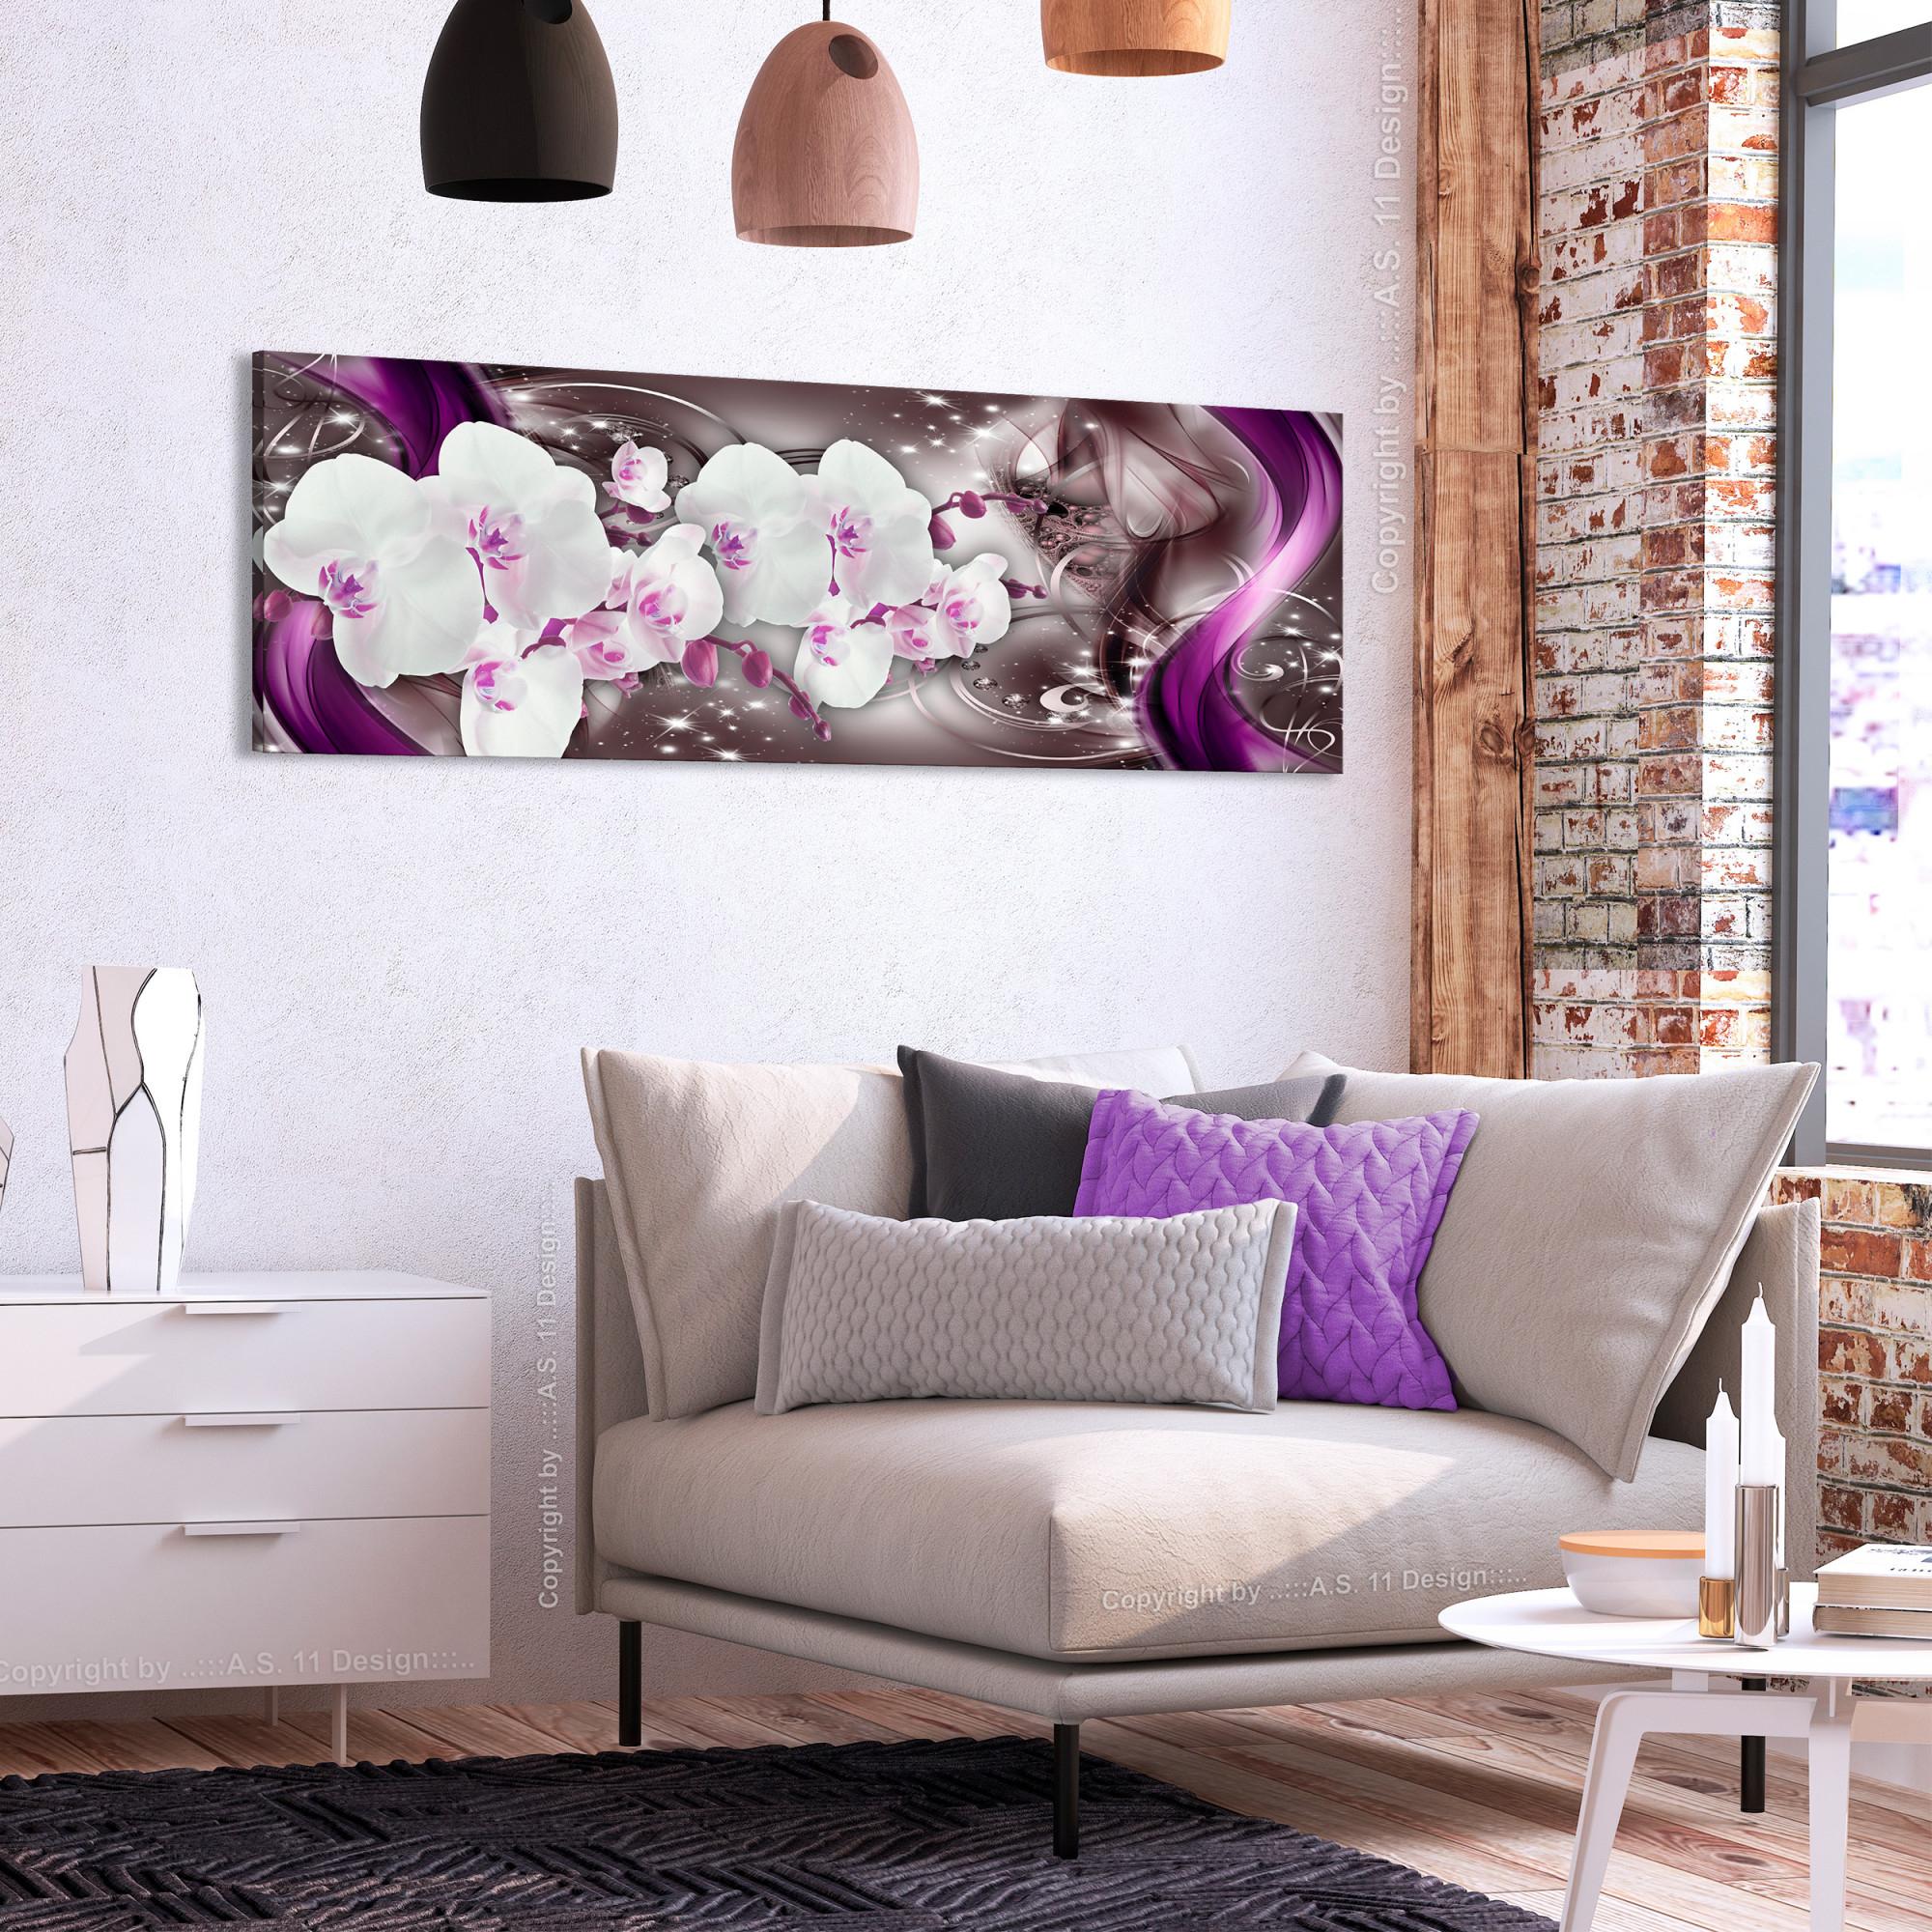 Details Zu Leinwand Bilder Blumen Orchidee Abstrakt Nachtleuchte Wandbilder  Xxl Wohnzimmer von Wohnzimmer Bilder Xxl Photo